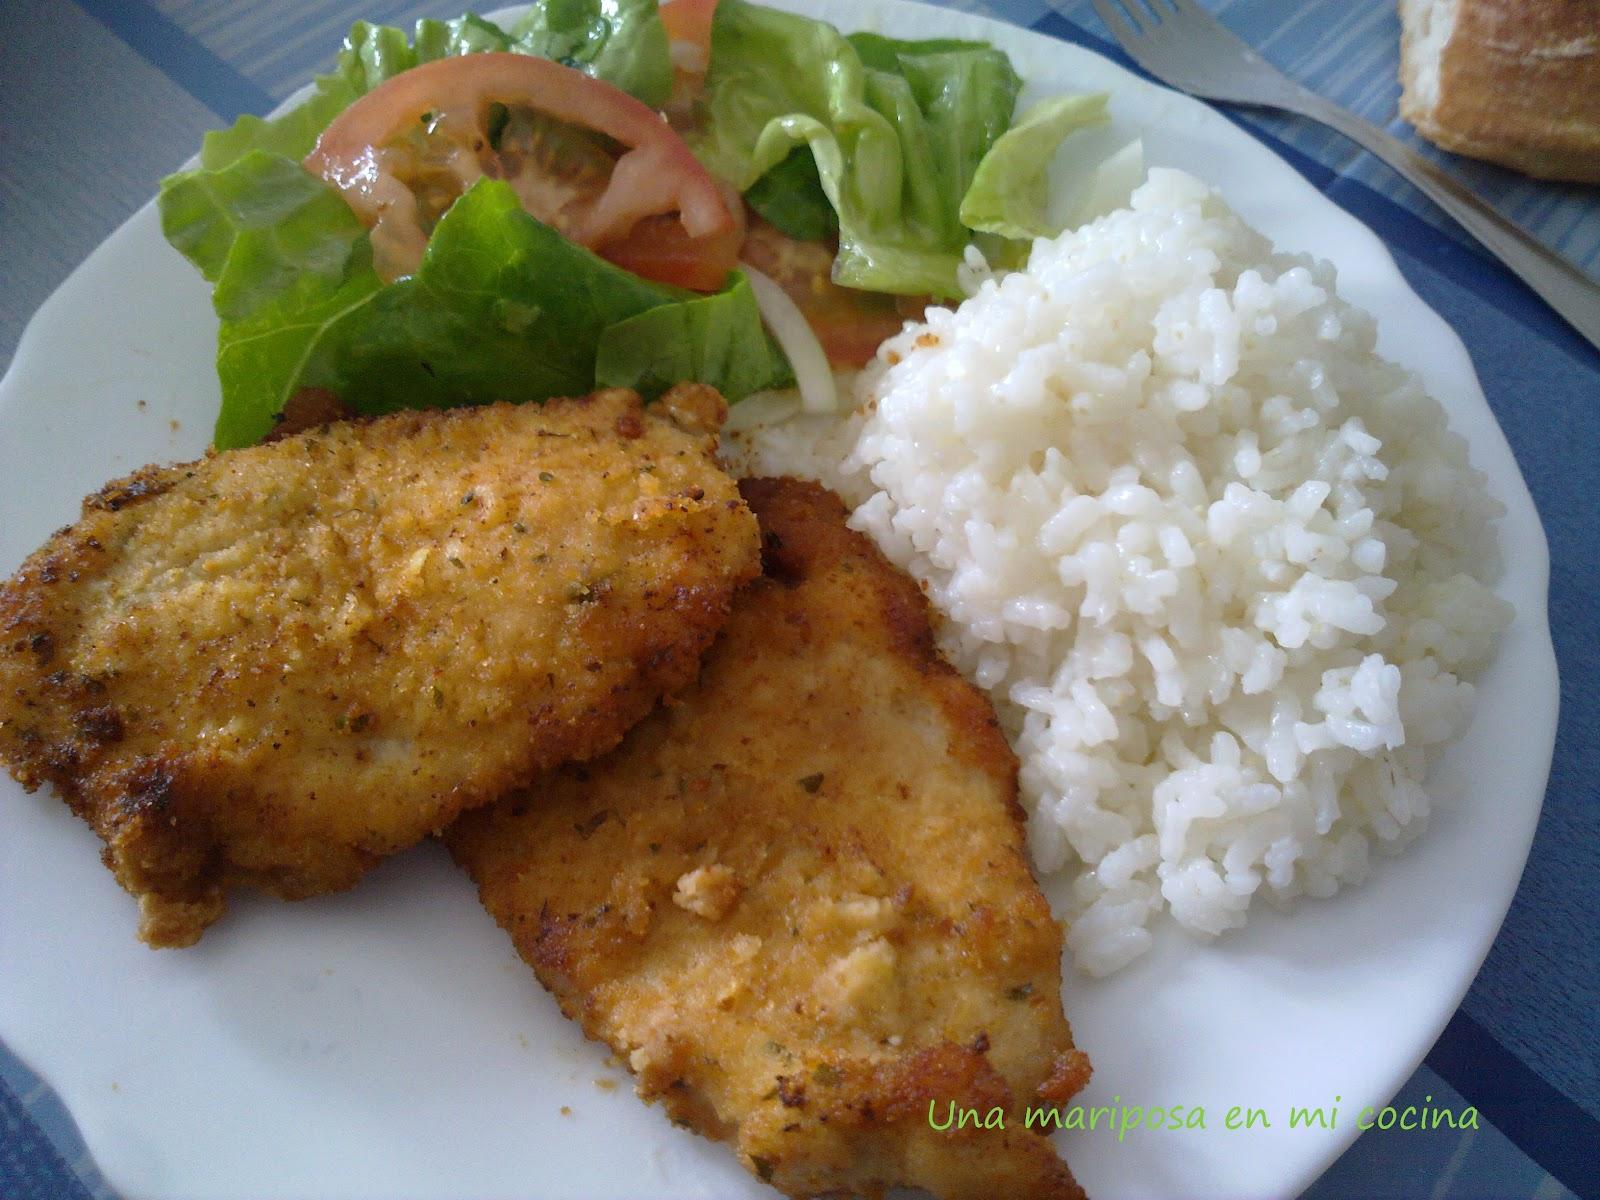 Una mariposa en mi cocina filetes de pechuga de pollo - Comidas con arroz blanco ...